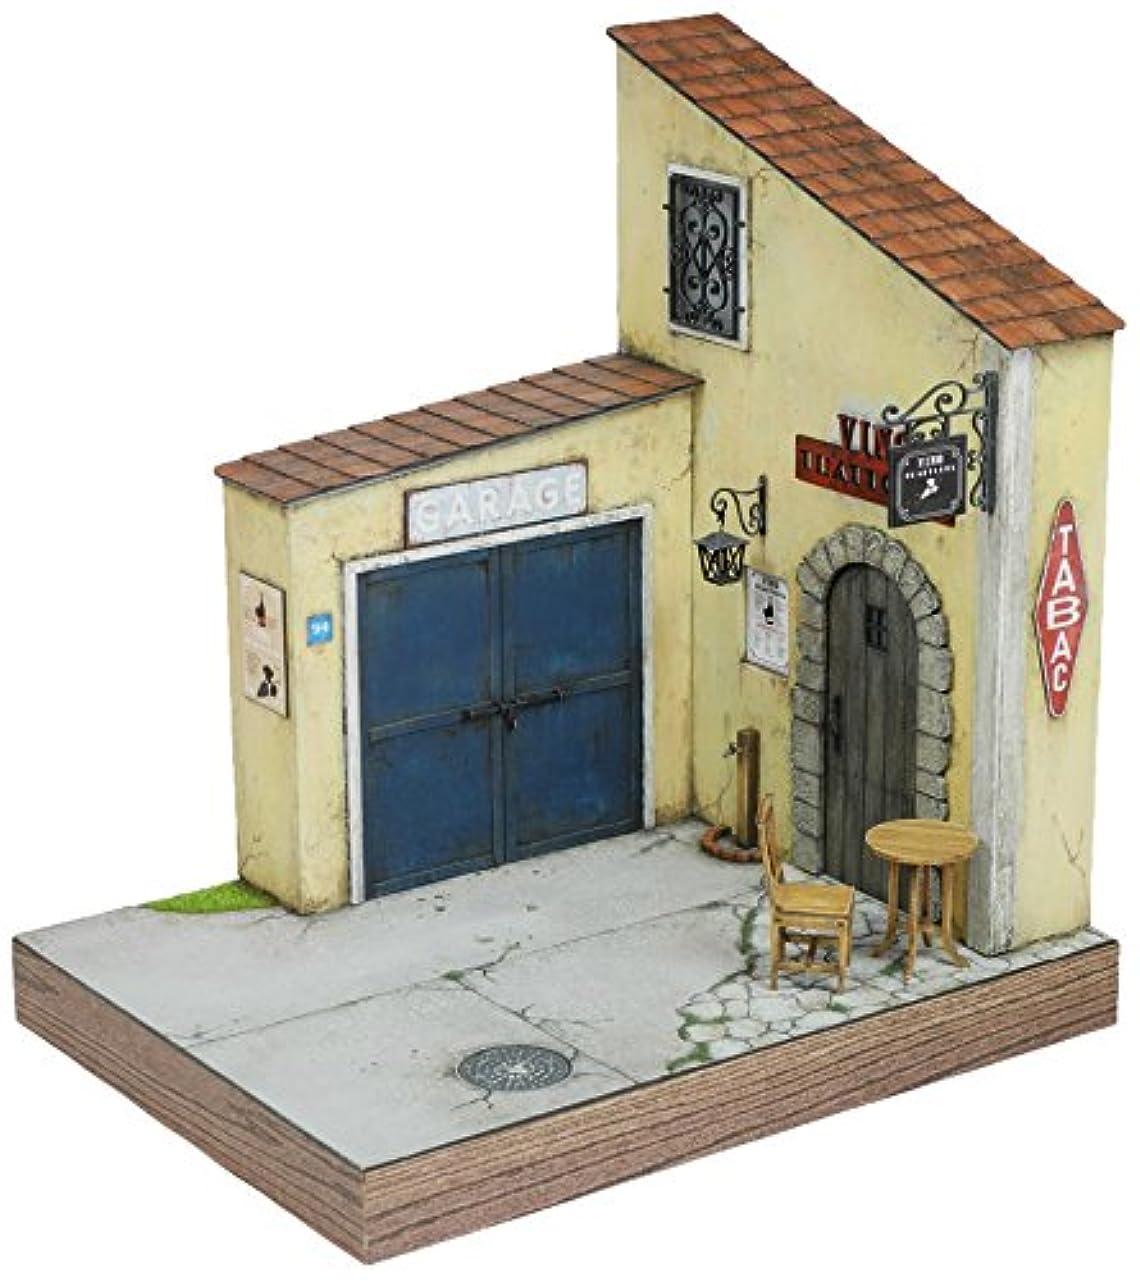 ソースフルート取り囲むコバアニ模型工房 1/24 スウィートスタイルシリーズ イタリアのワイン居酒屋&ガレージ 組立キット SS-029